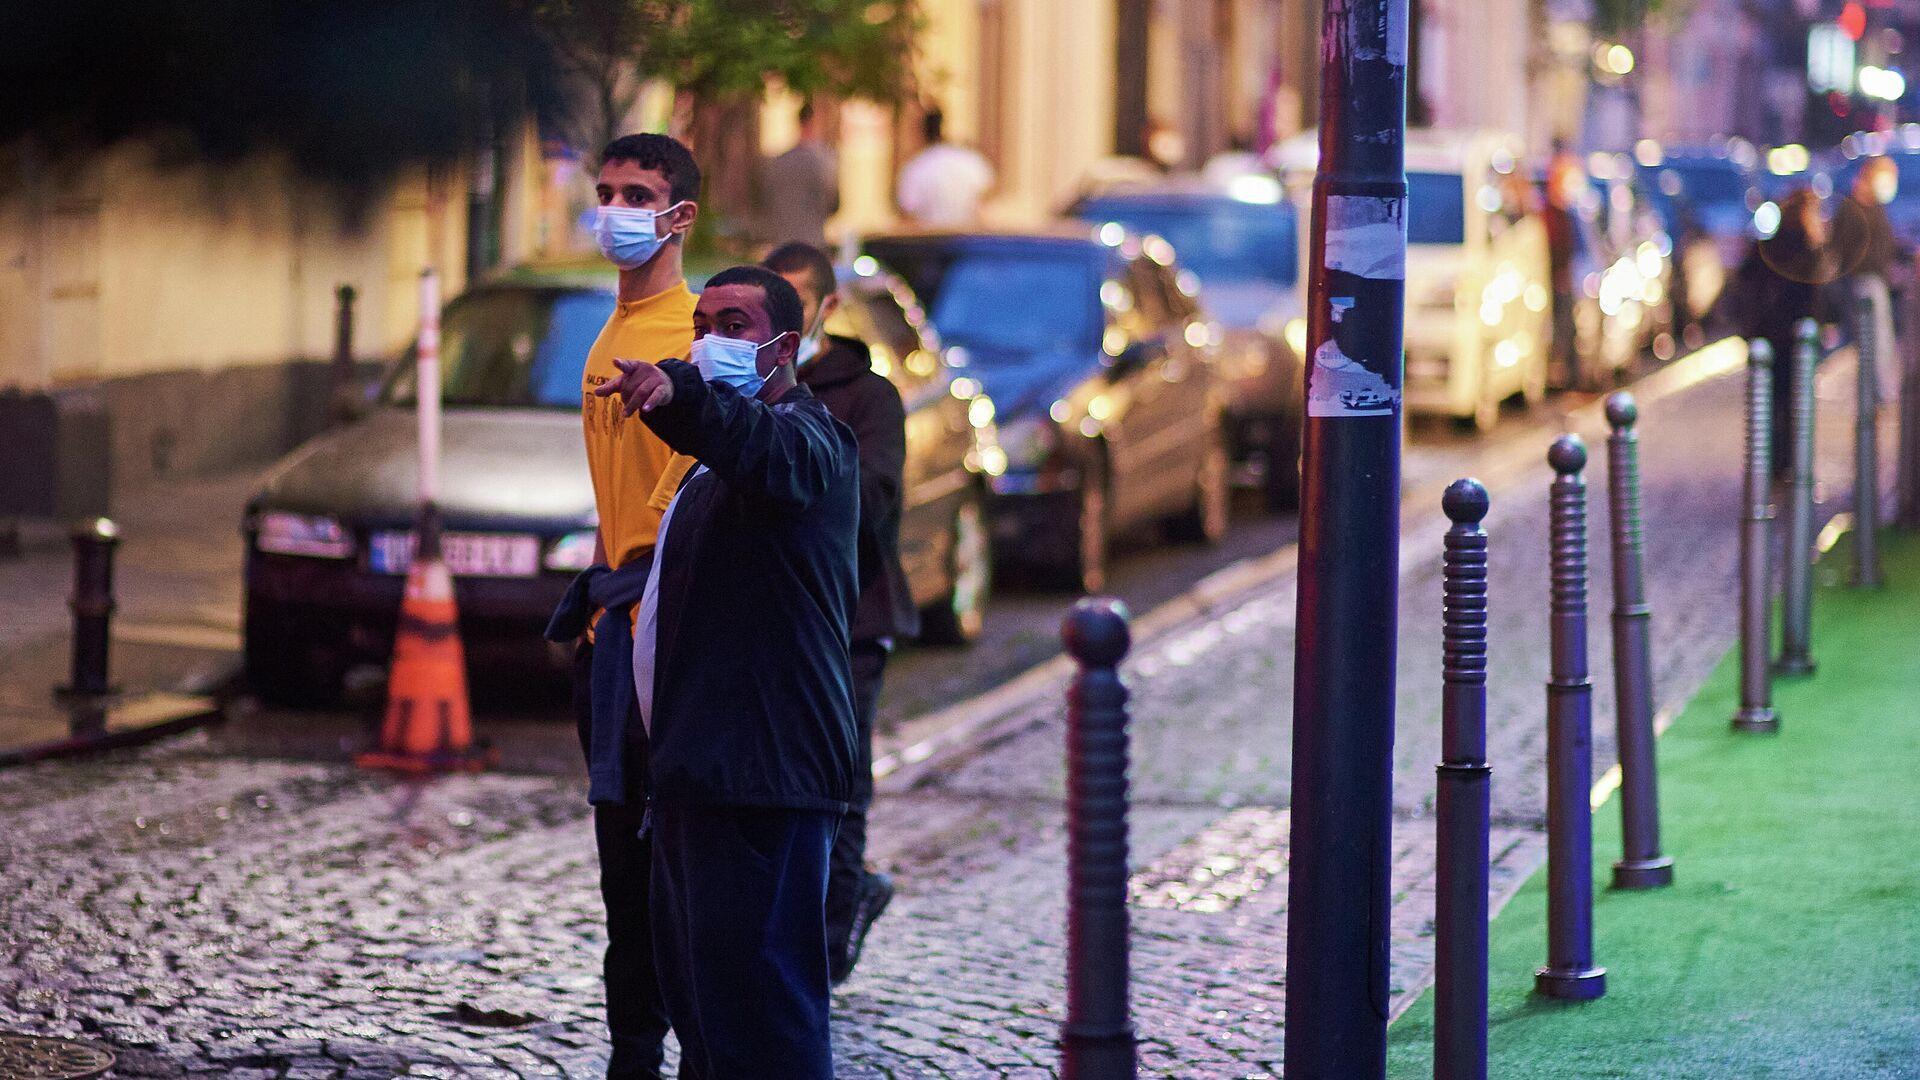 Эпидемия коронавируса - прохожие на улице в масках - Sputnik Грузия, 1920, 24.09.2021